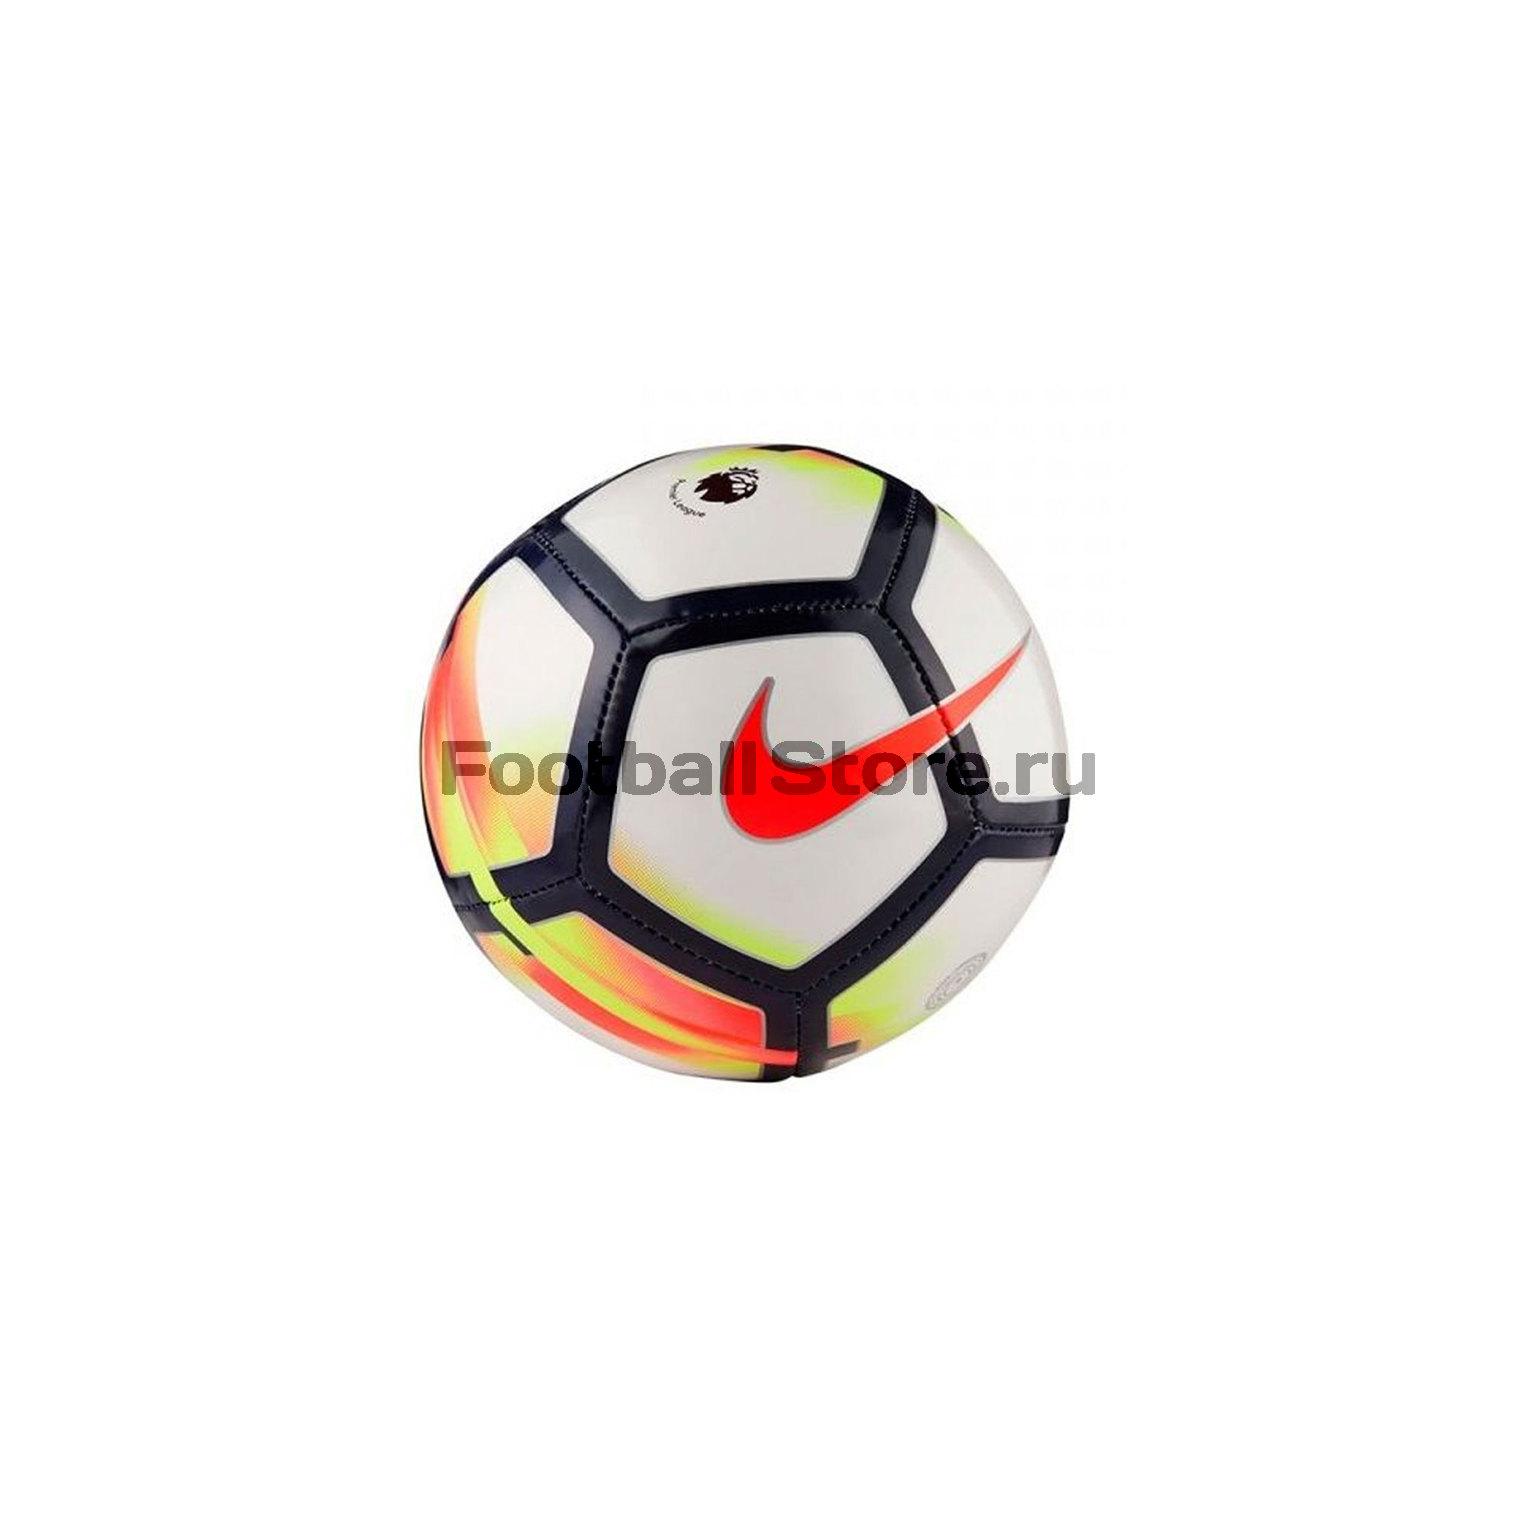 Сувенирные Nike Мяч сувенирный Nike Premier League Skills SC3113-100